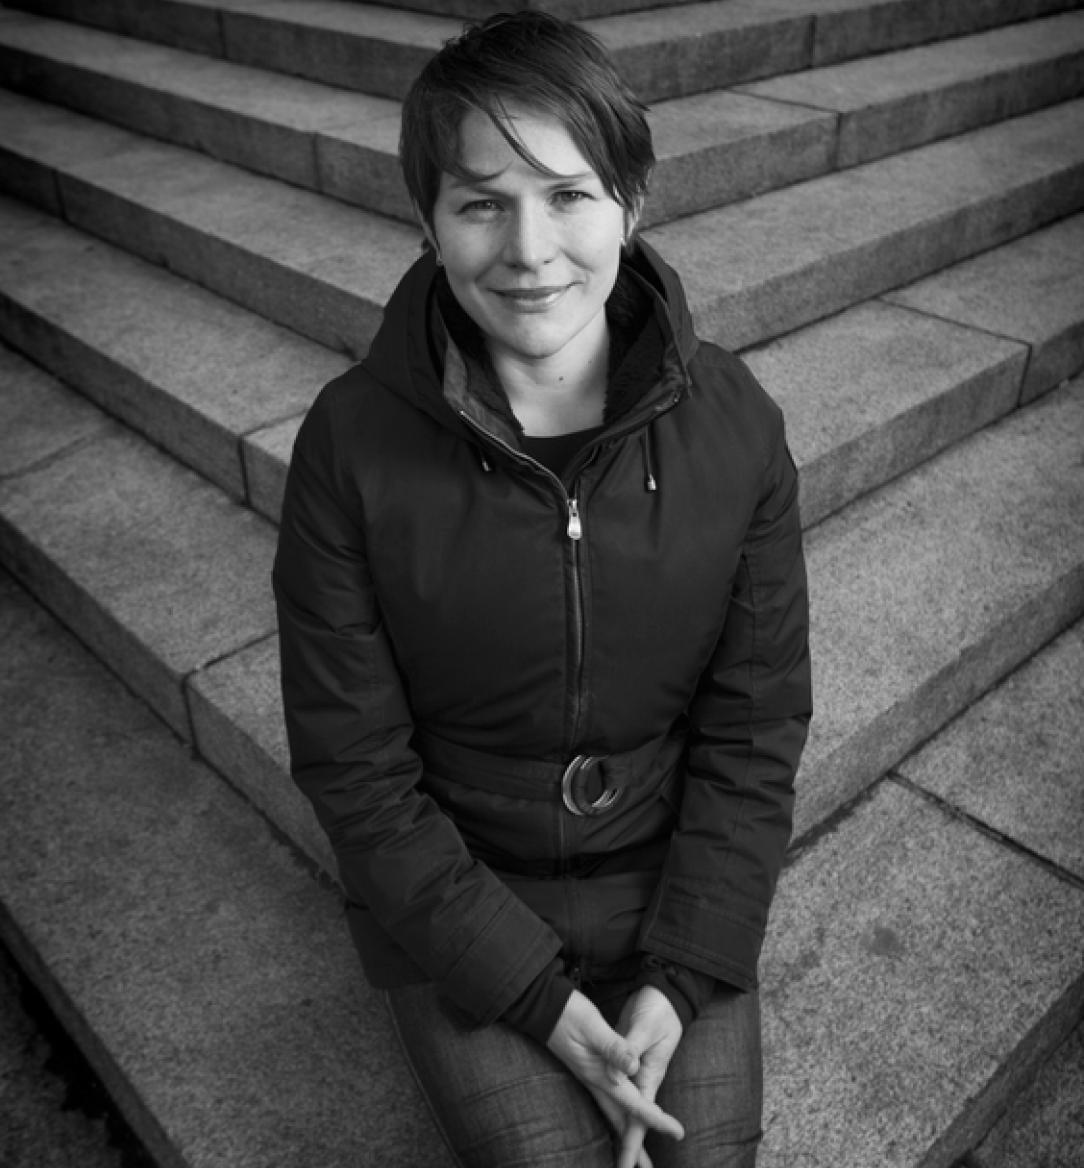 Erica Eneqvist